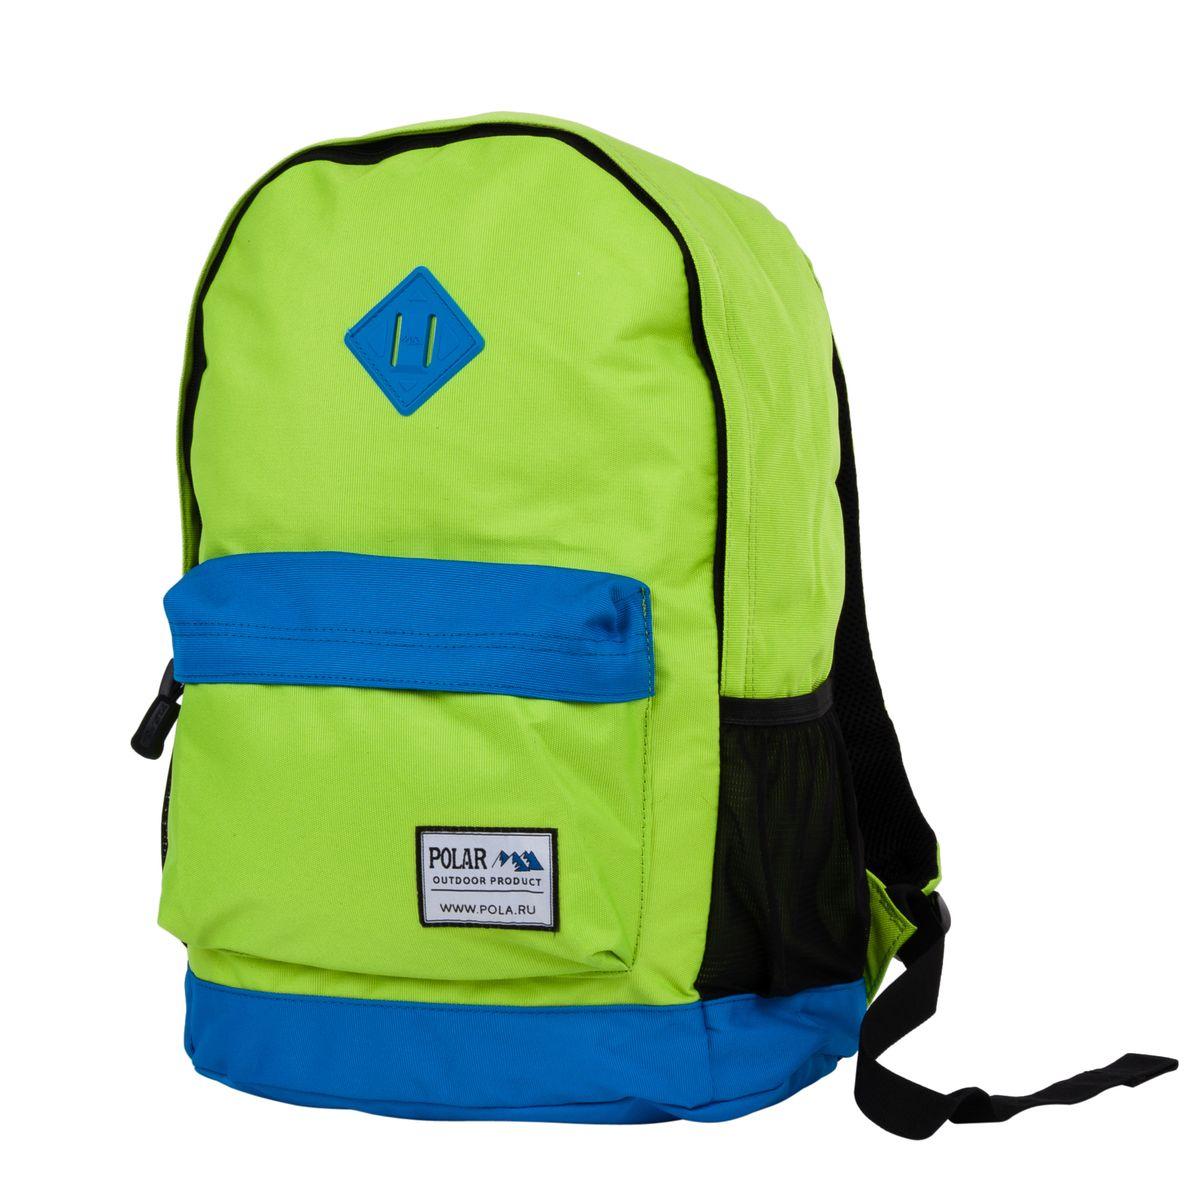 Рюкзак городской Polar, цвет: зеленый, синий, 22,5 л. 15008 рюкзак городской polar цвет фиолетово синий 22 5 л 15008